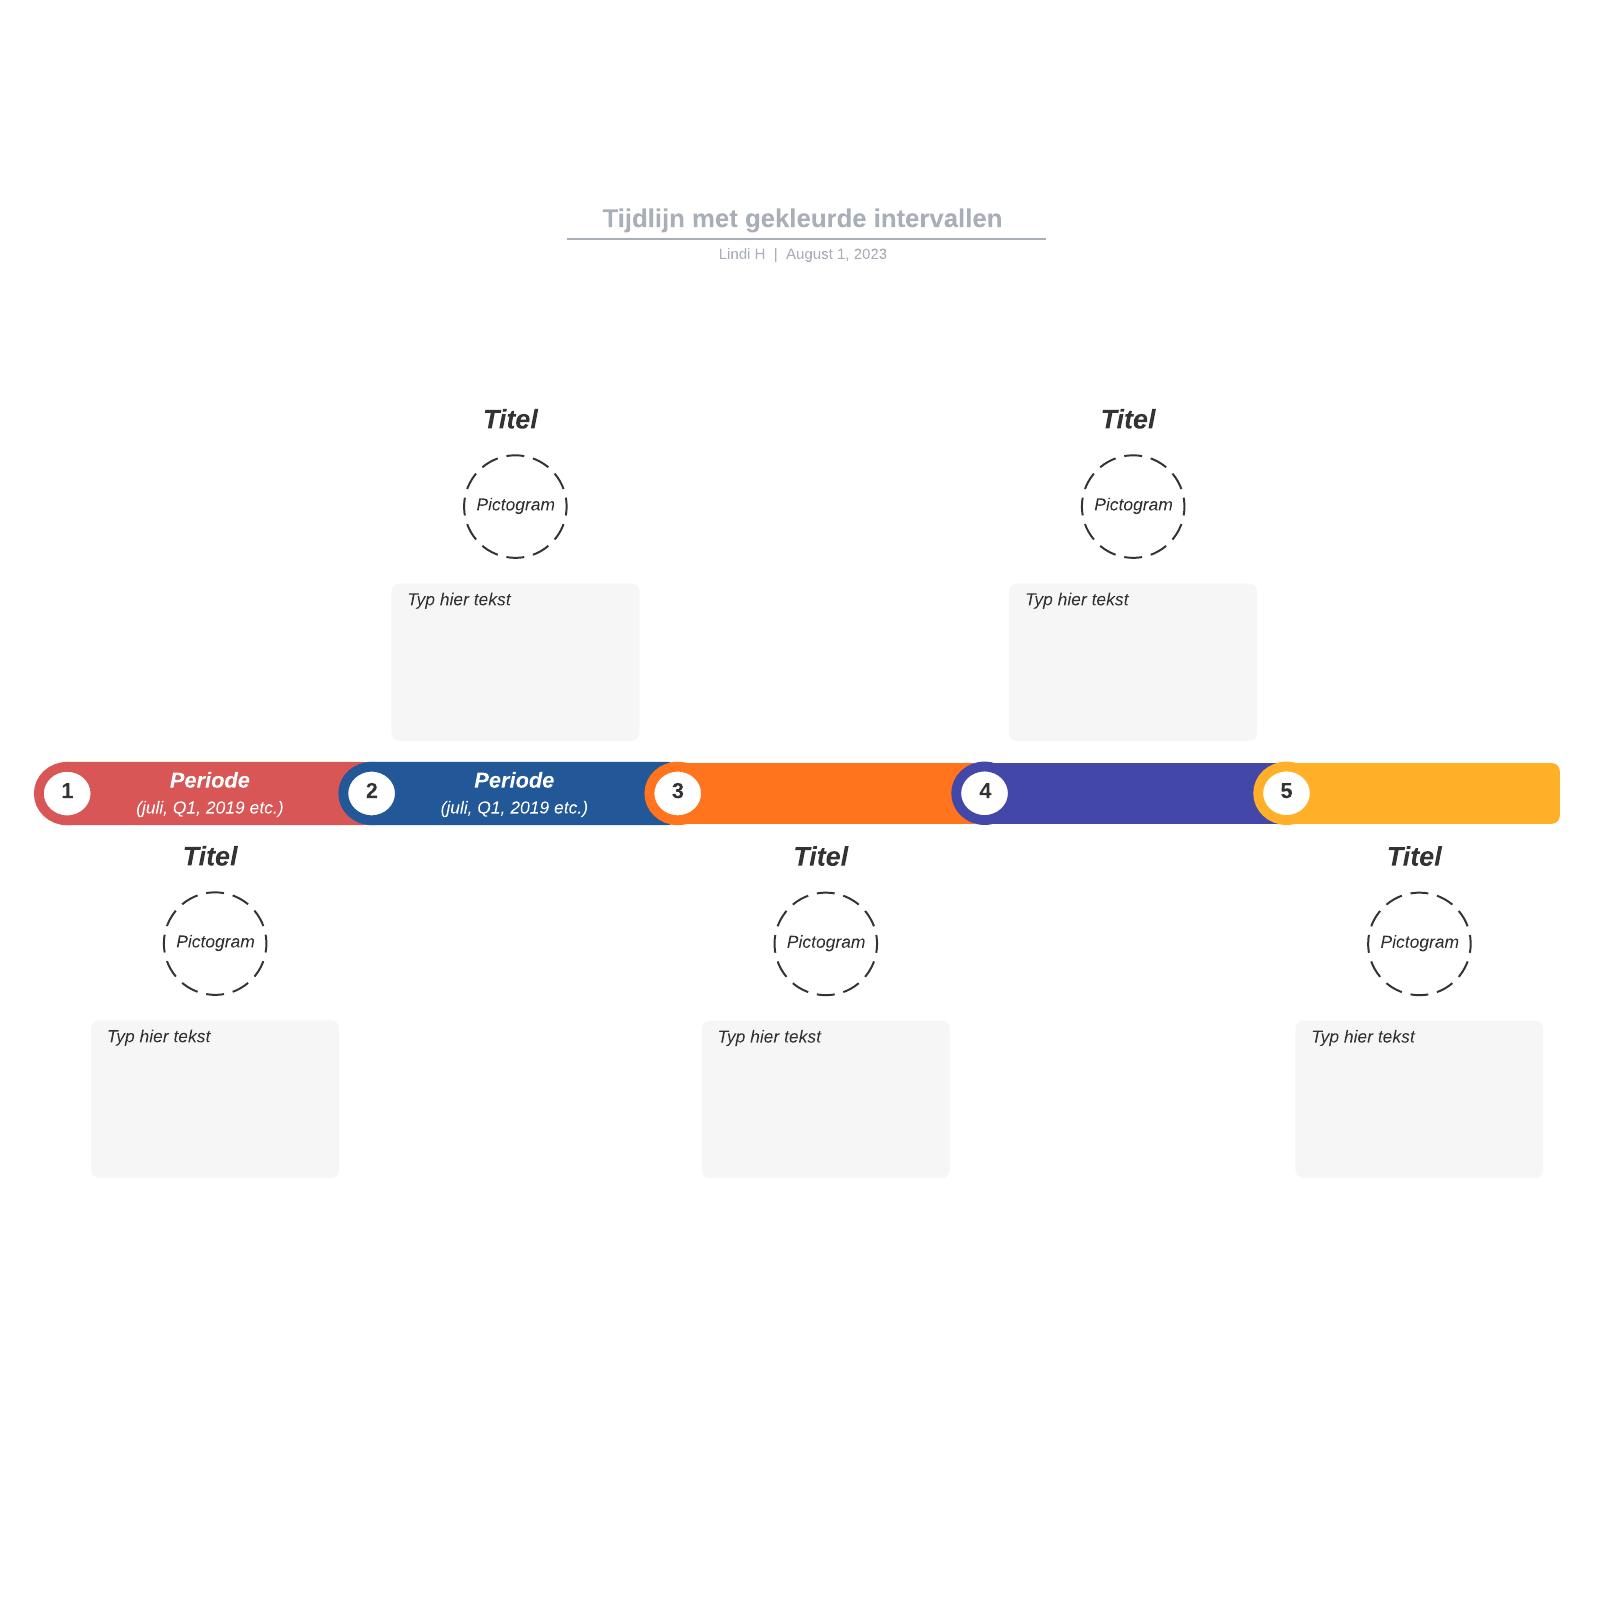 Tijdlijn met gekleurde intervallen